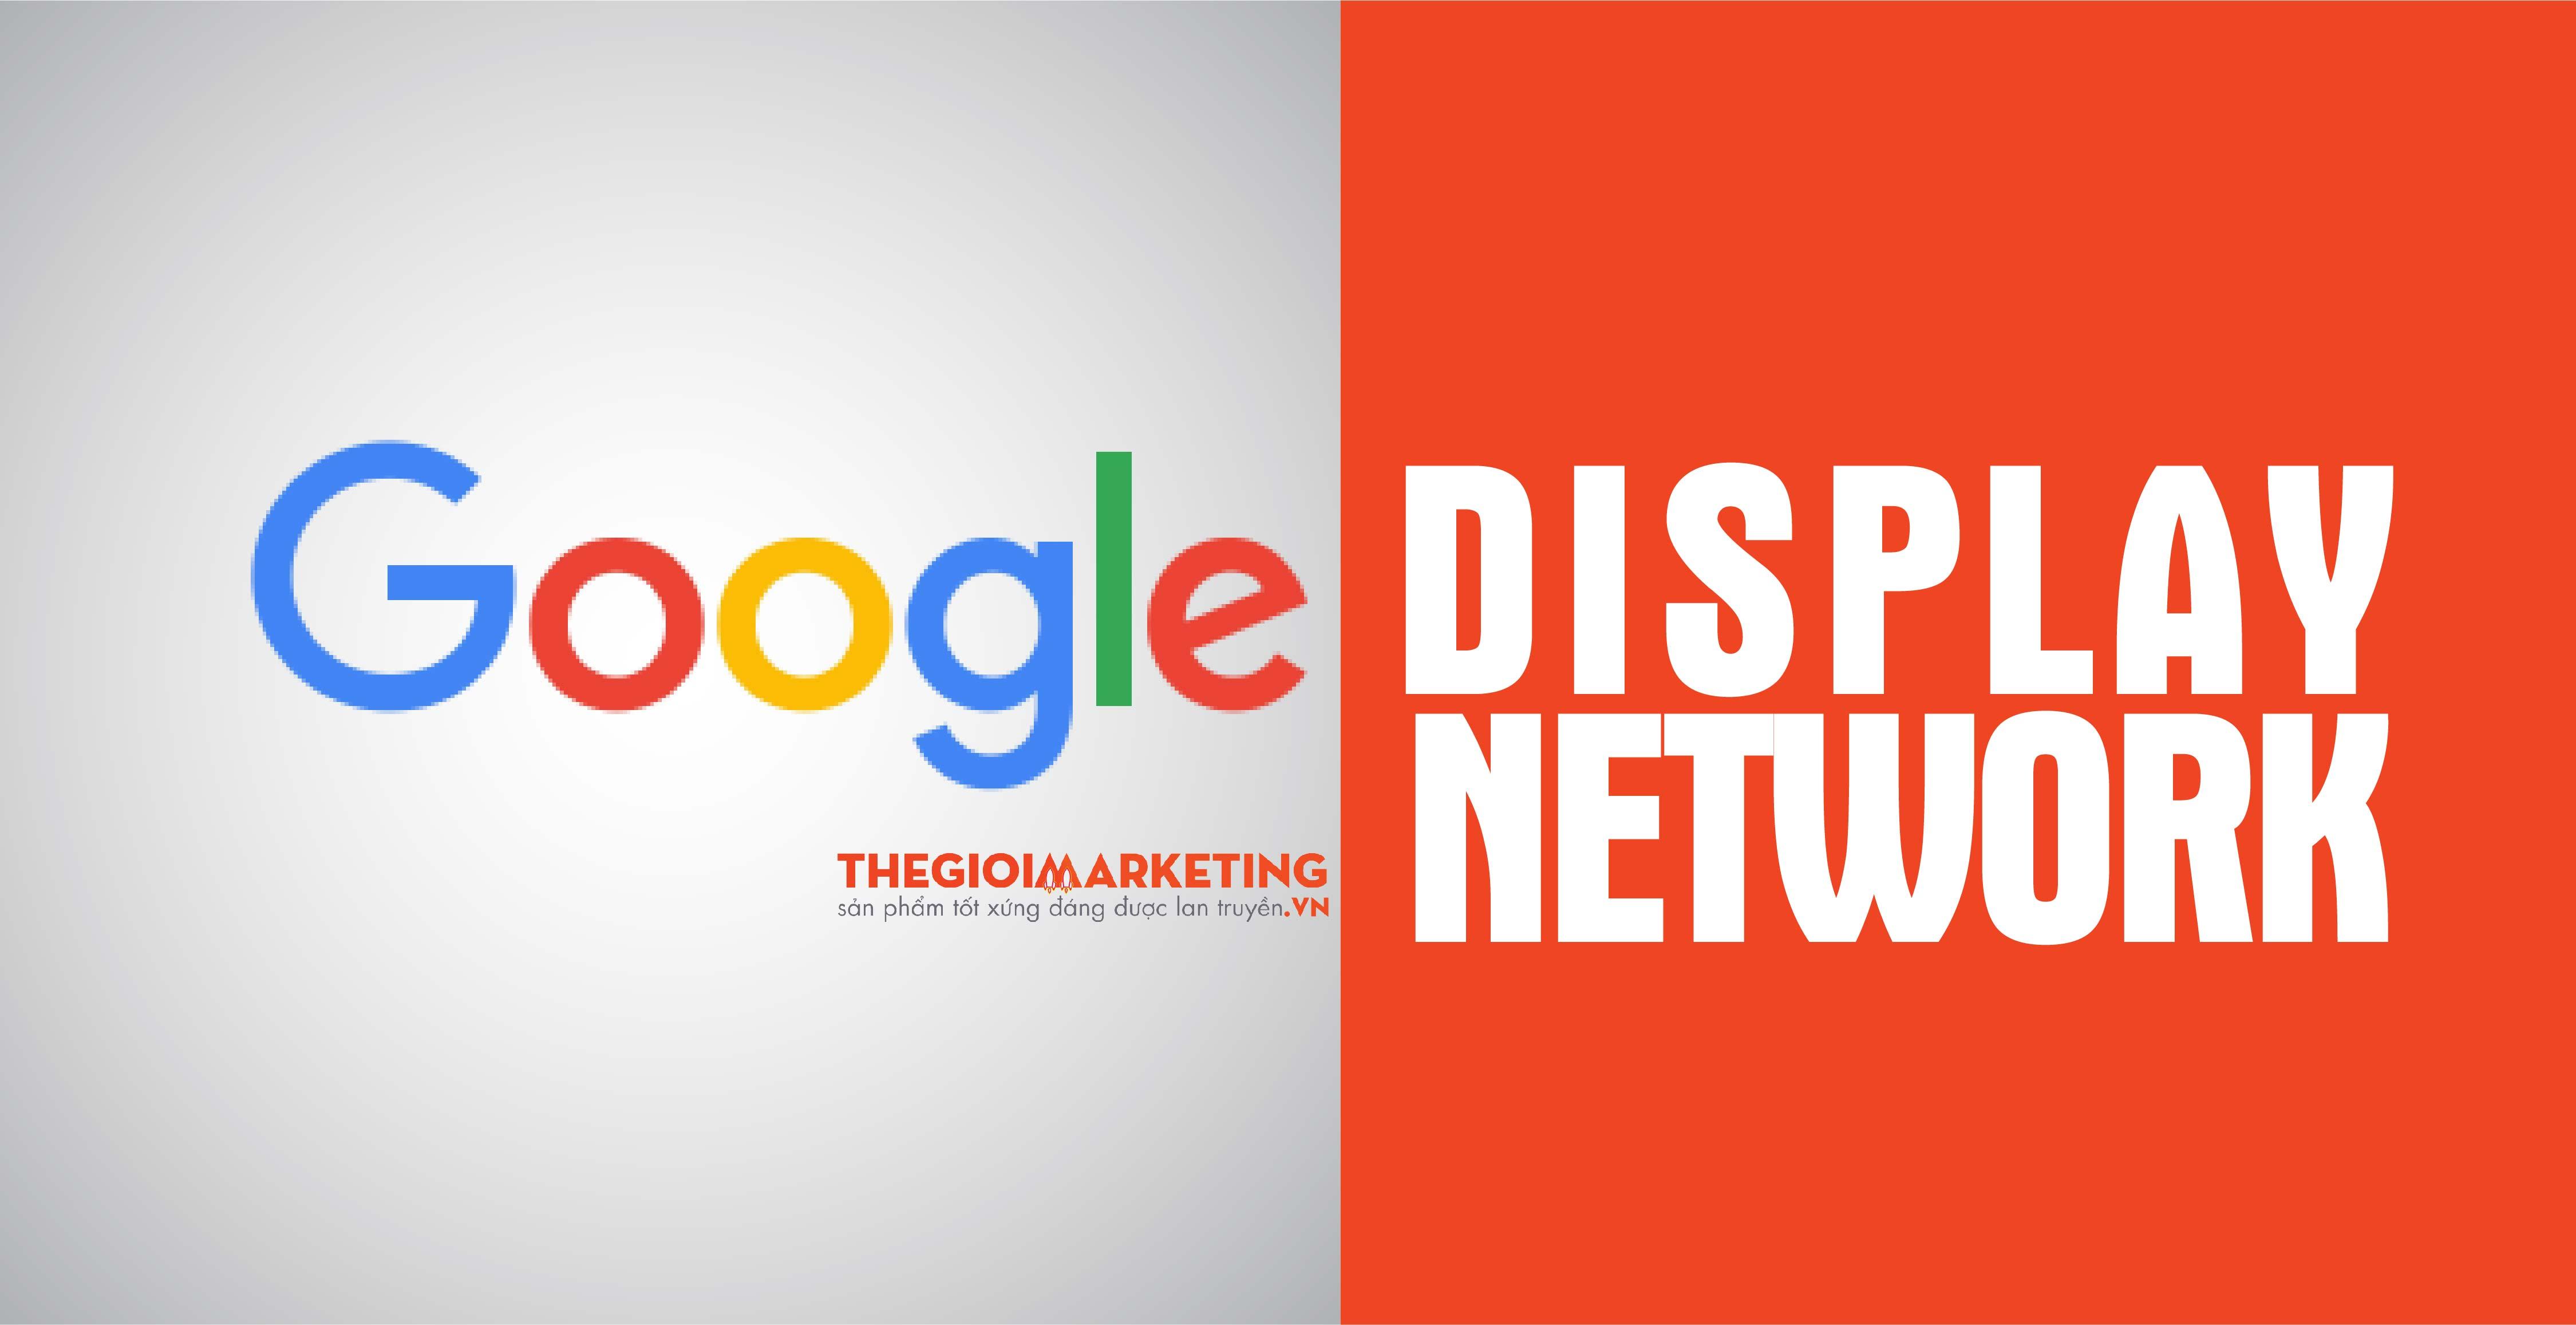 Dịch vụ quảng cáo Google Display Network